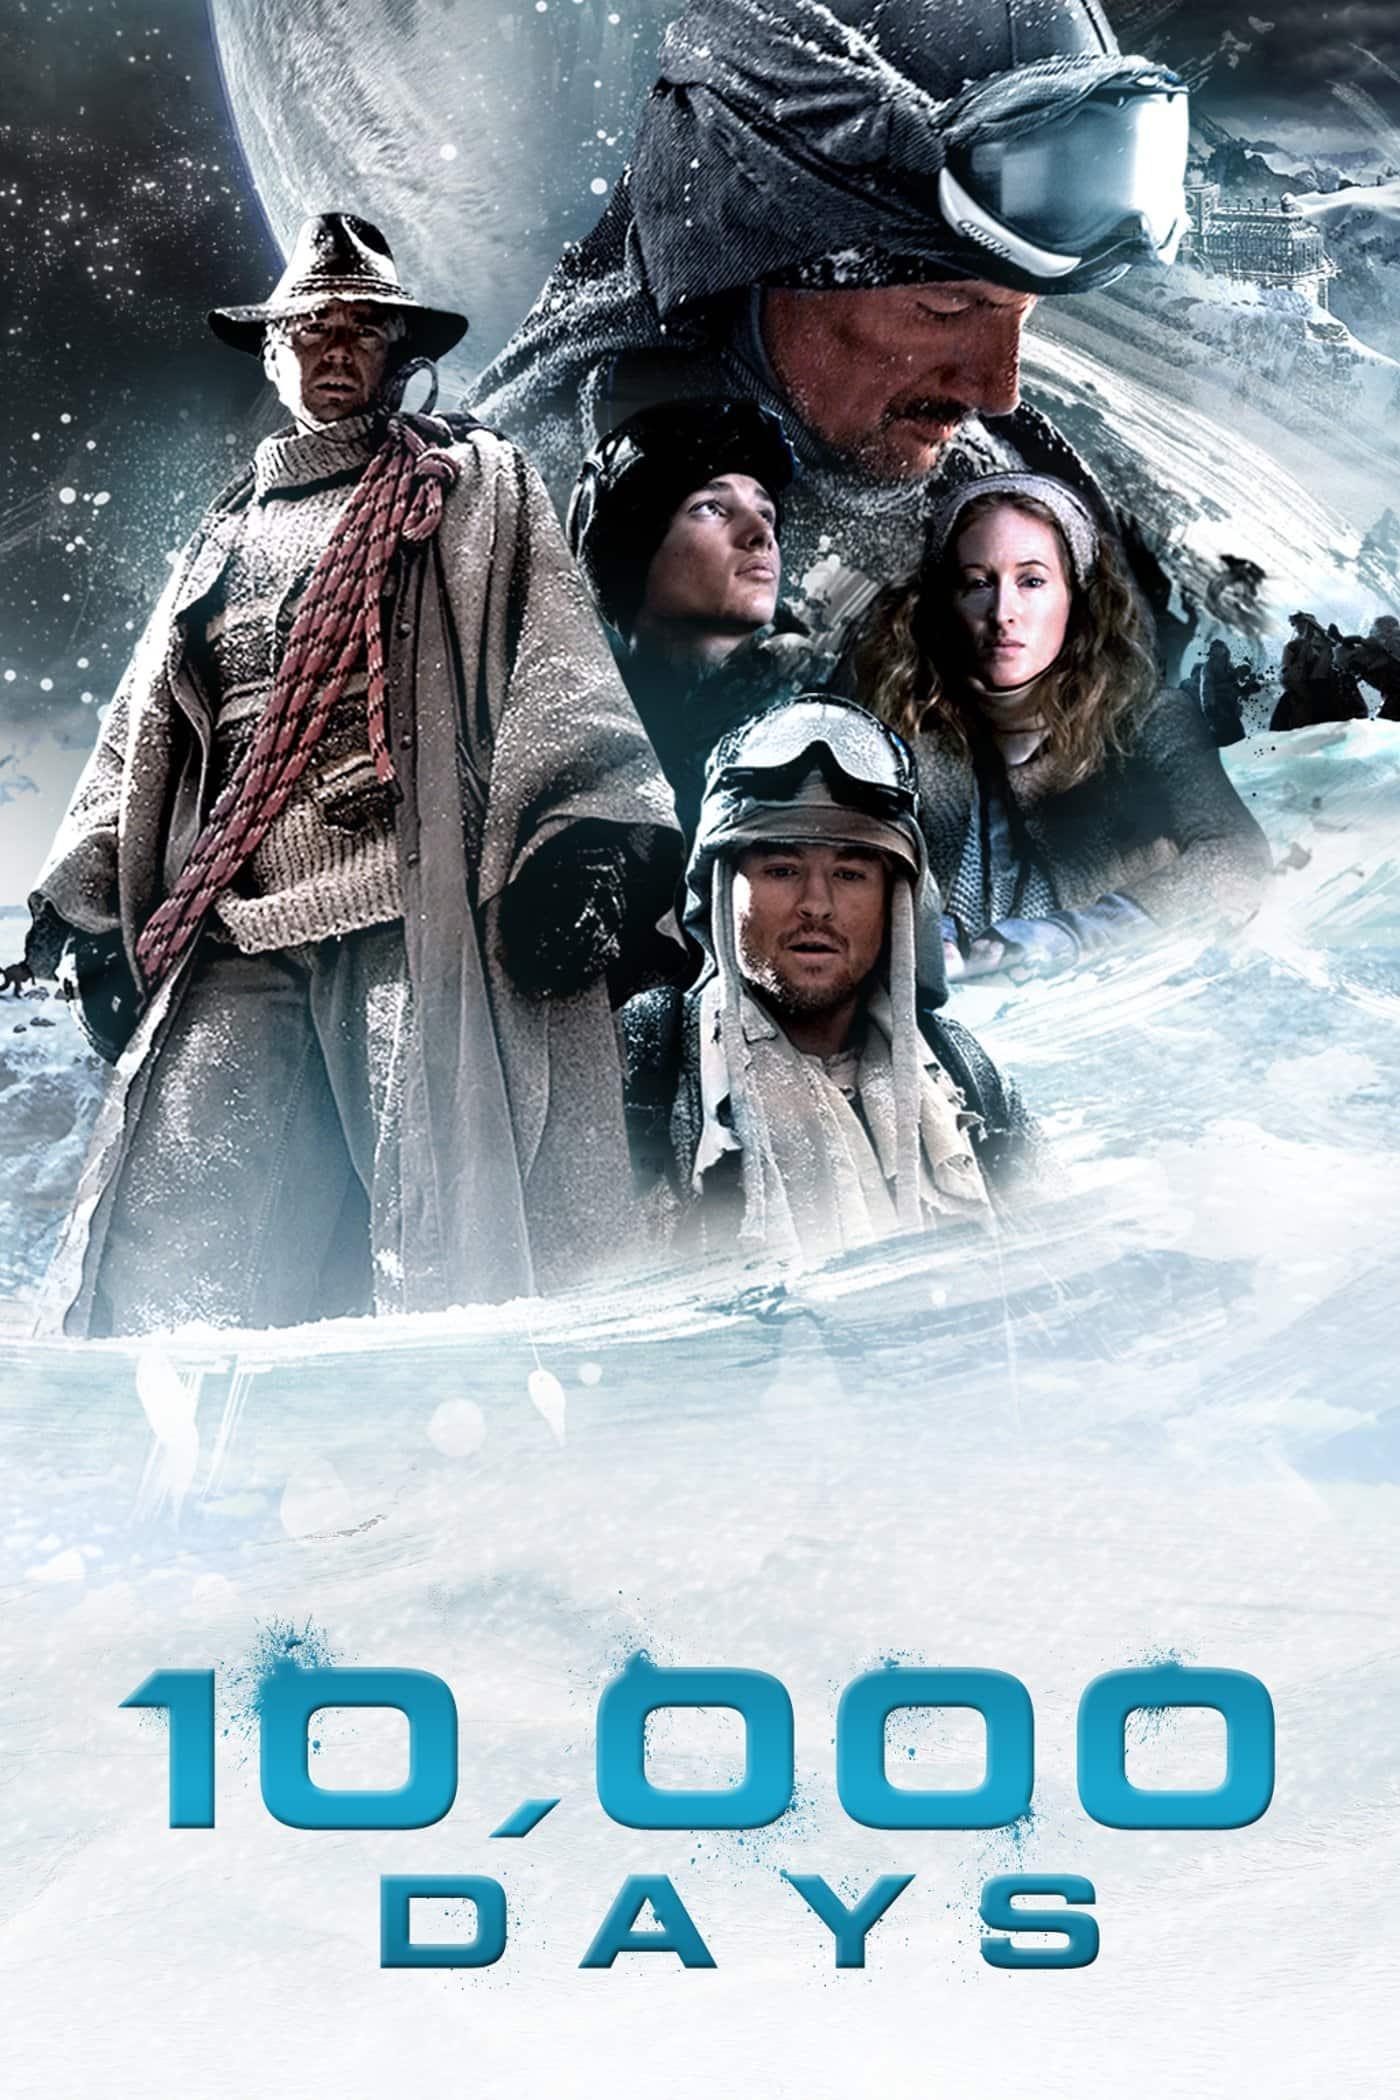 10,000 Days / 10 000 дни (2014)